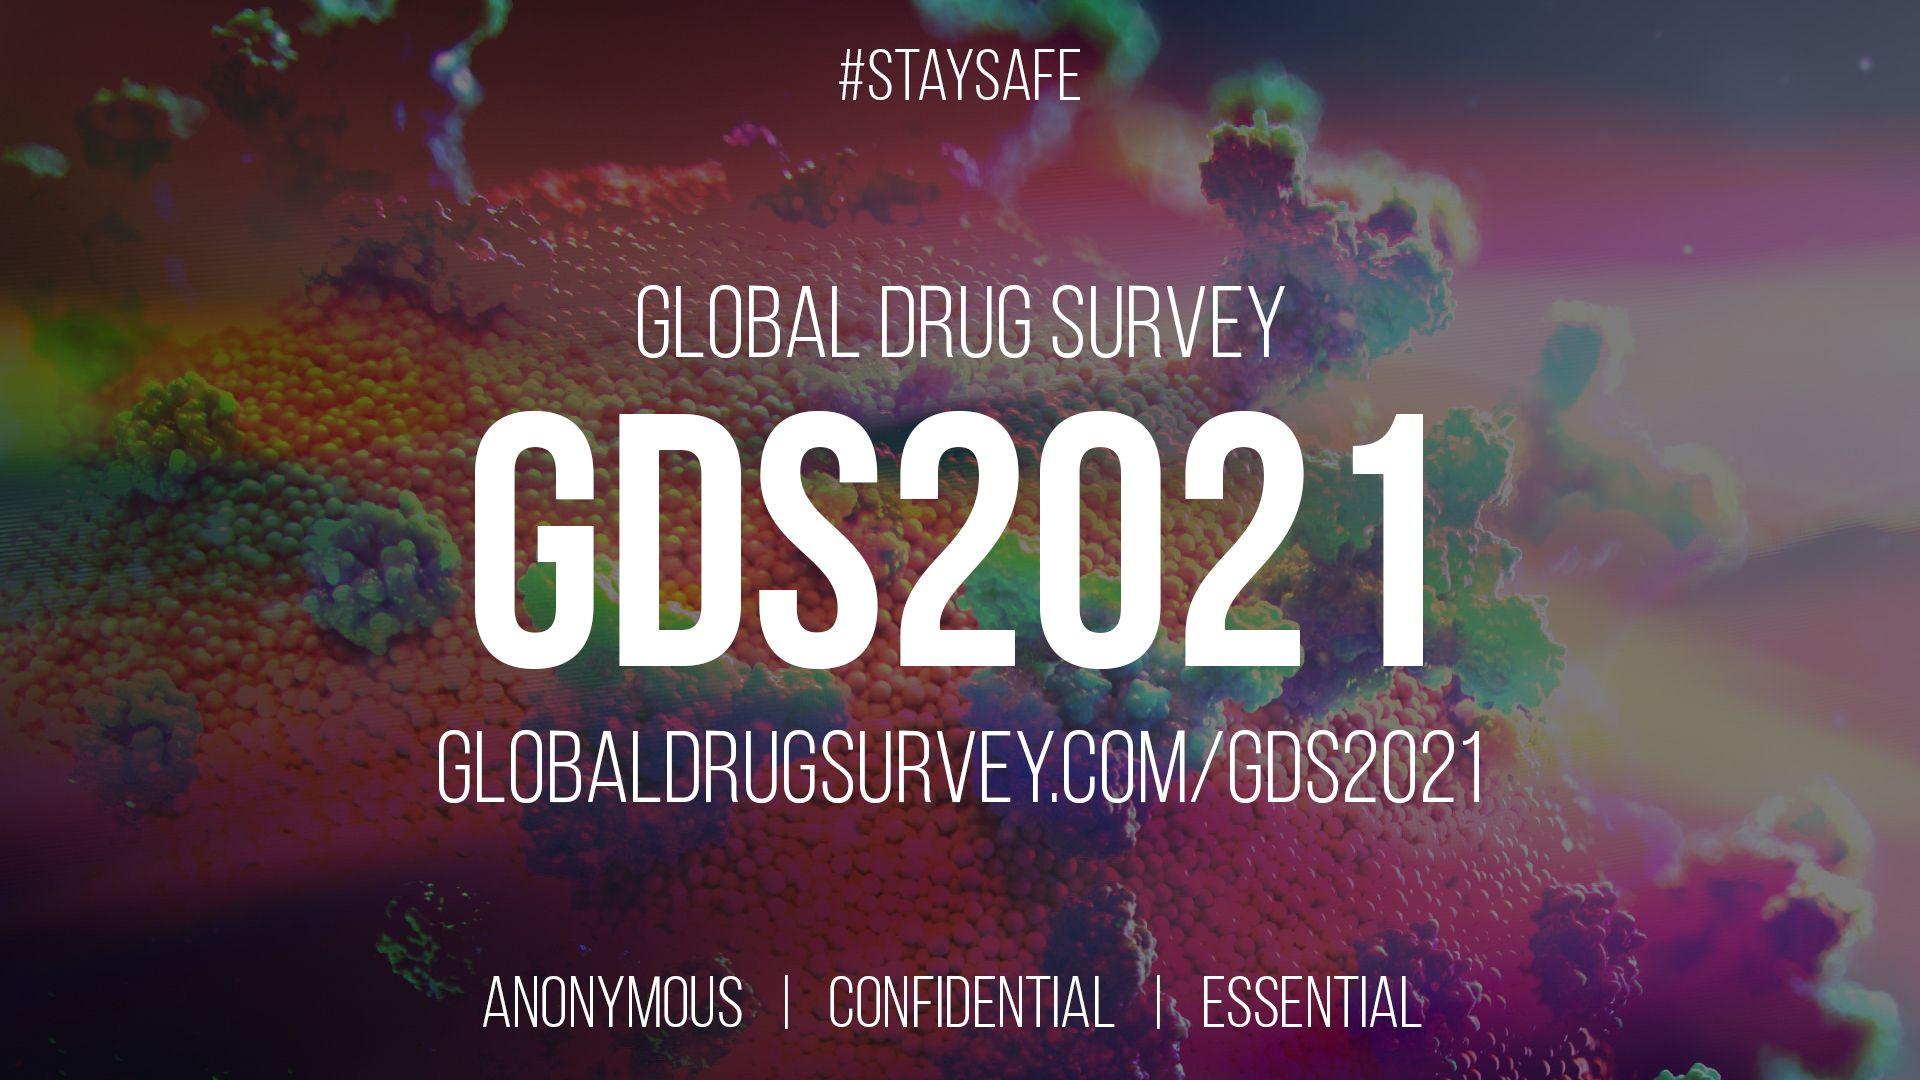 Global Drug Surveys kampanjakuva